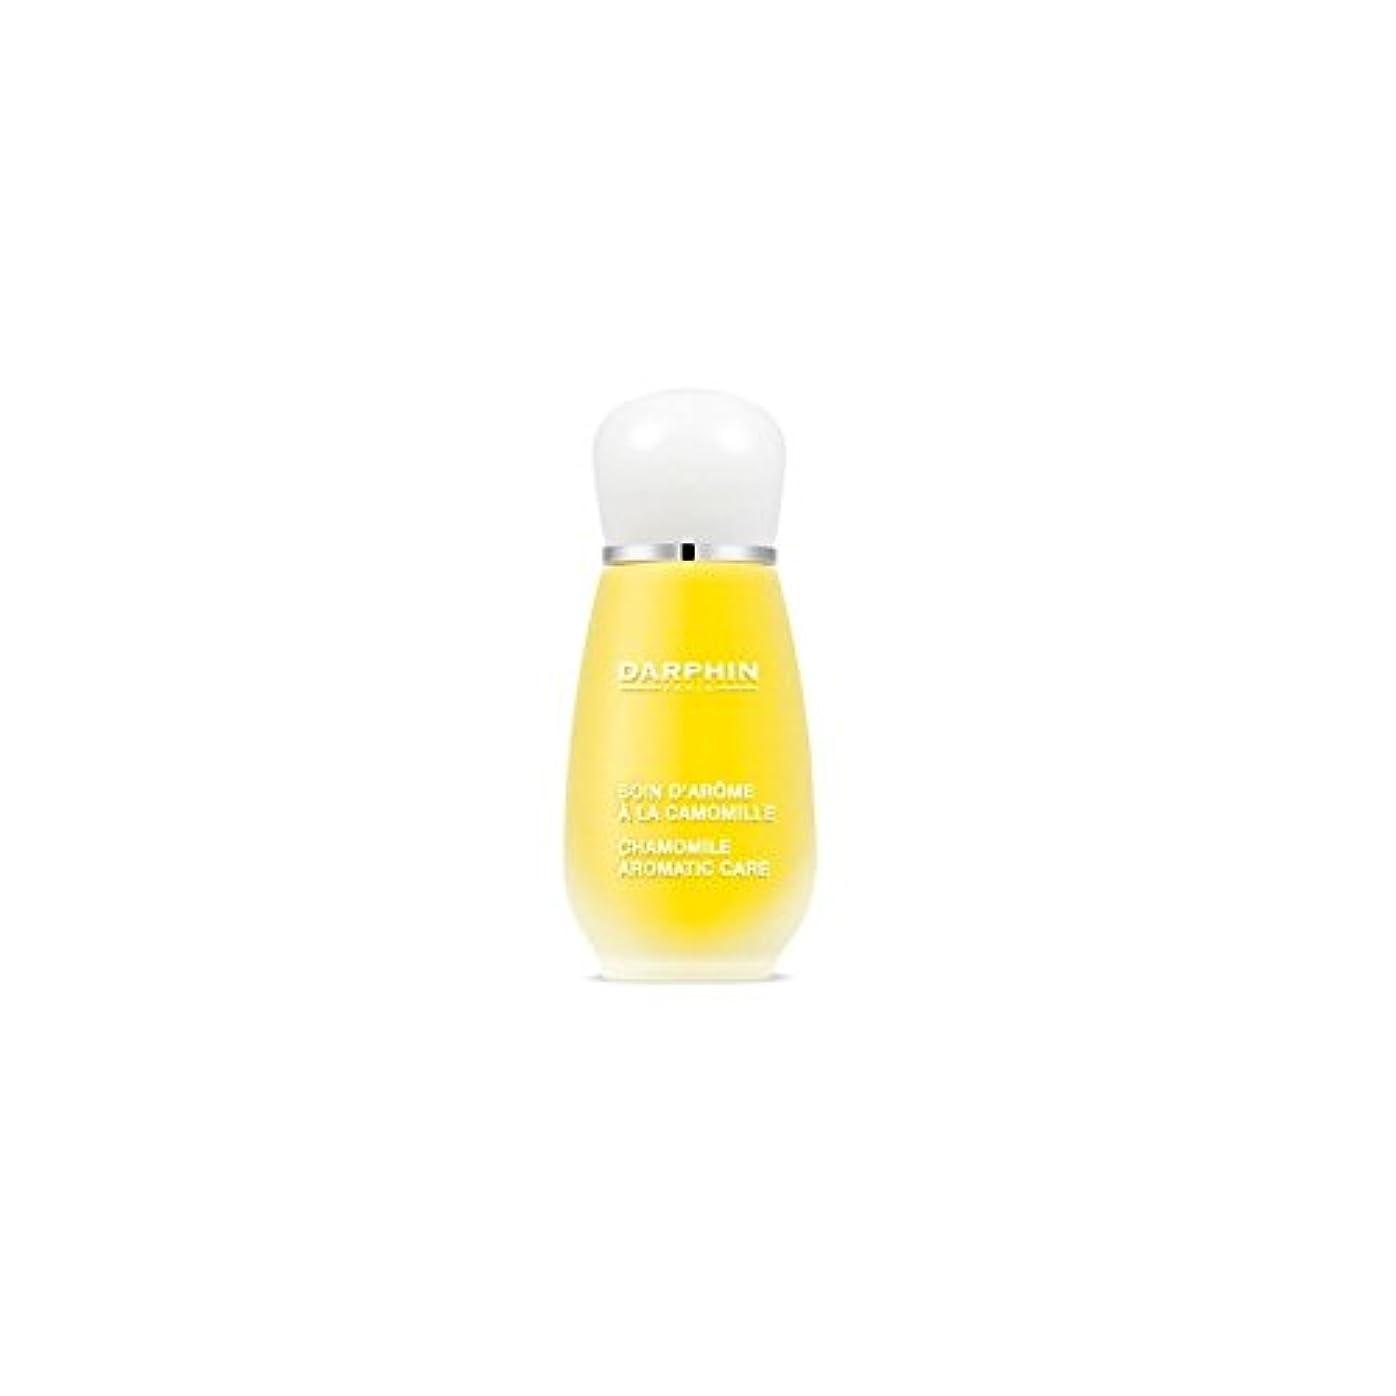 ラグ石灰岩朝ごはんDarphin Chamomile Aromatic Care (15ml) (Pack of 6) - ダルファンカモミール芳香ケア(15ミリリットル) x6 [並行輸入品]